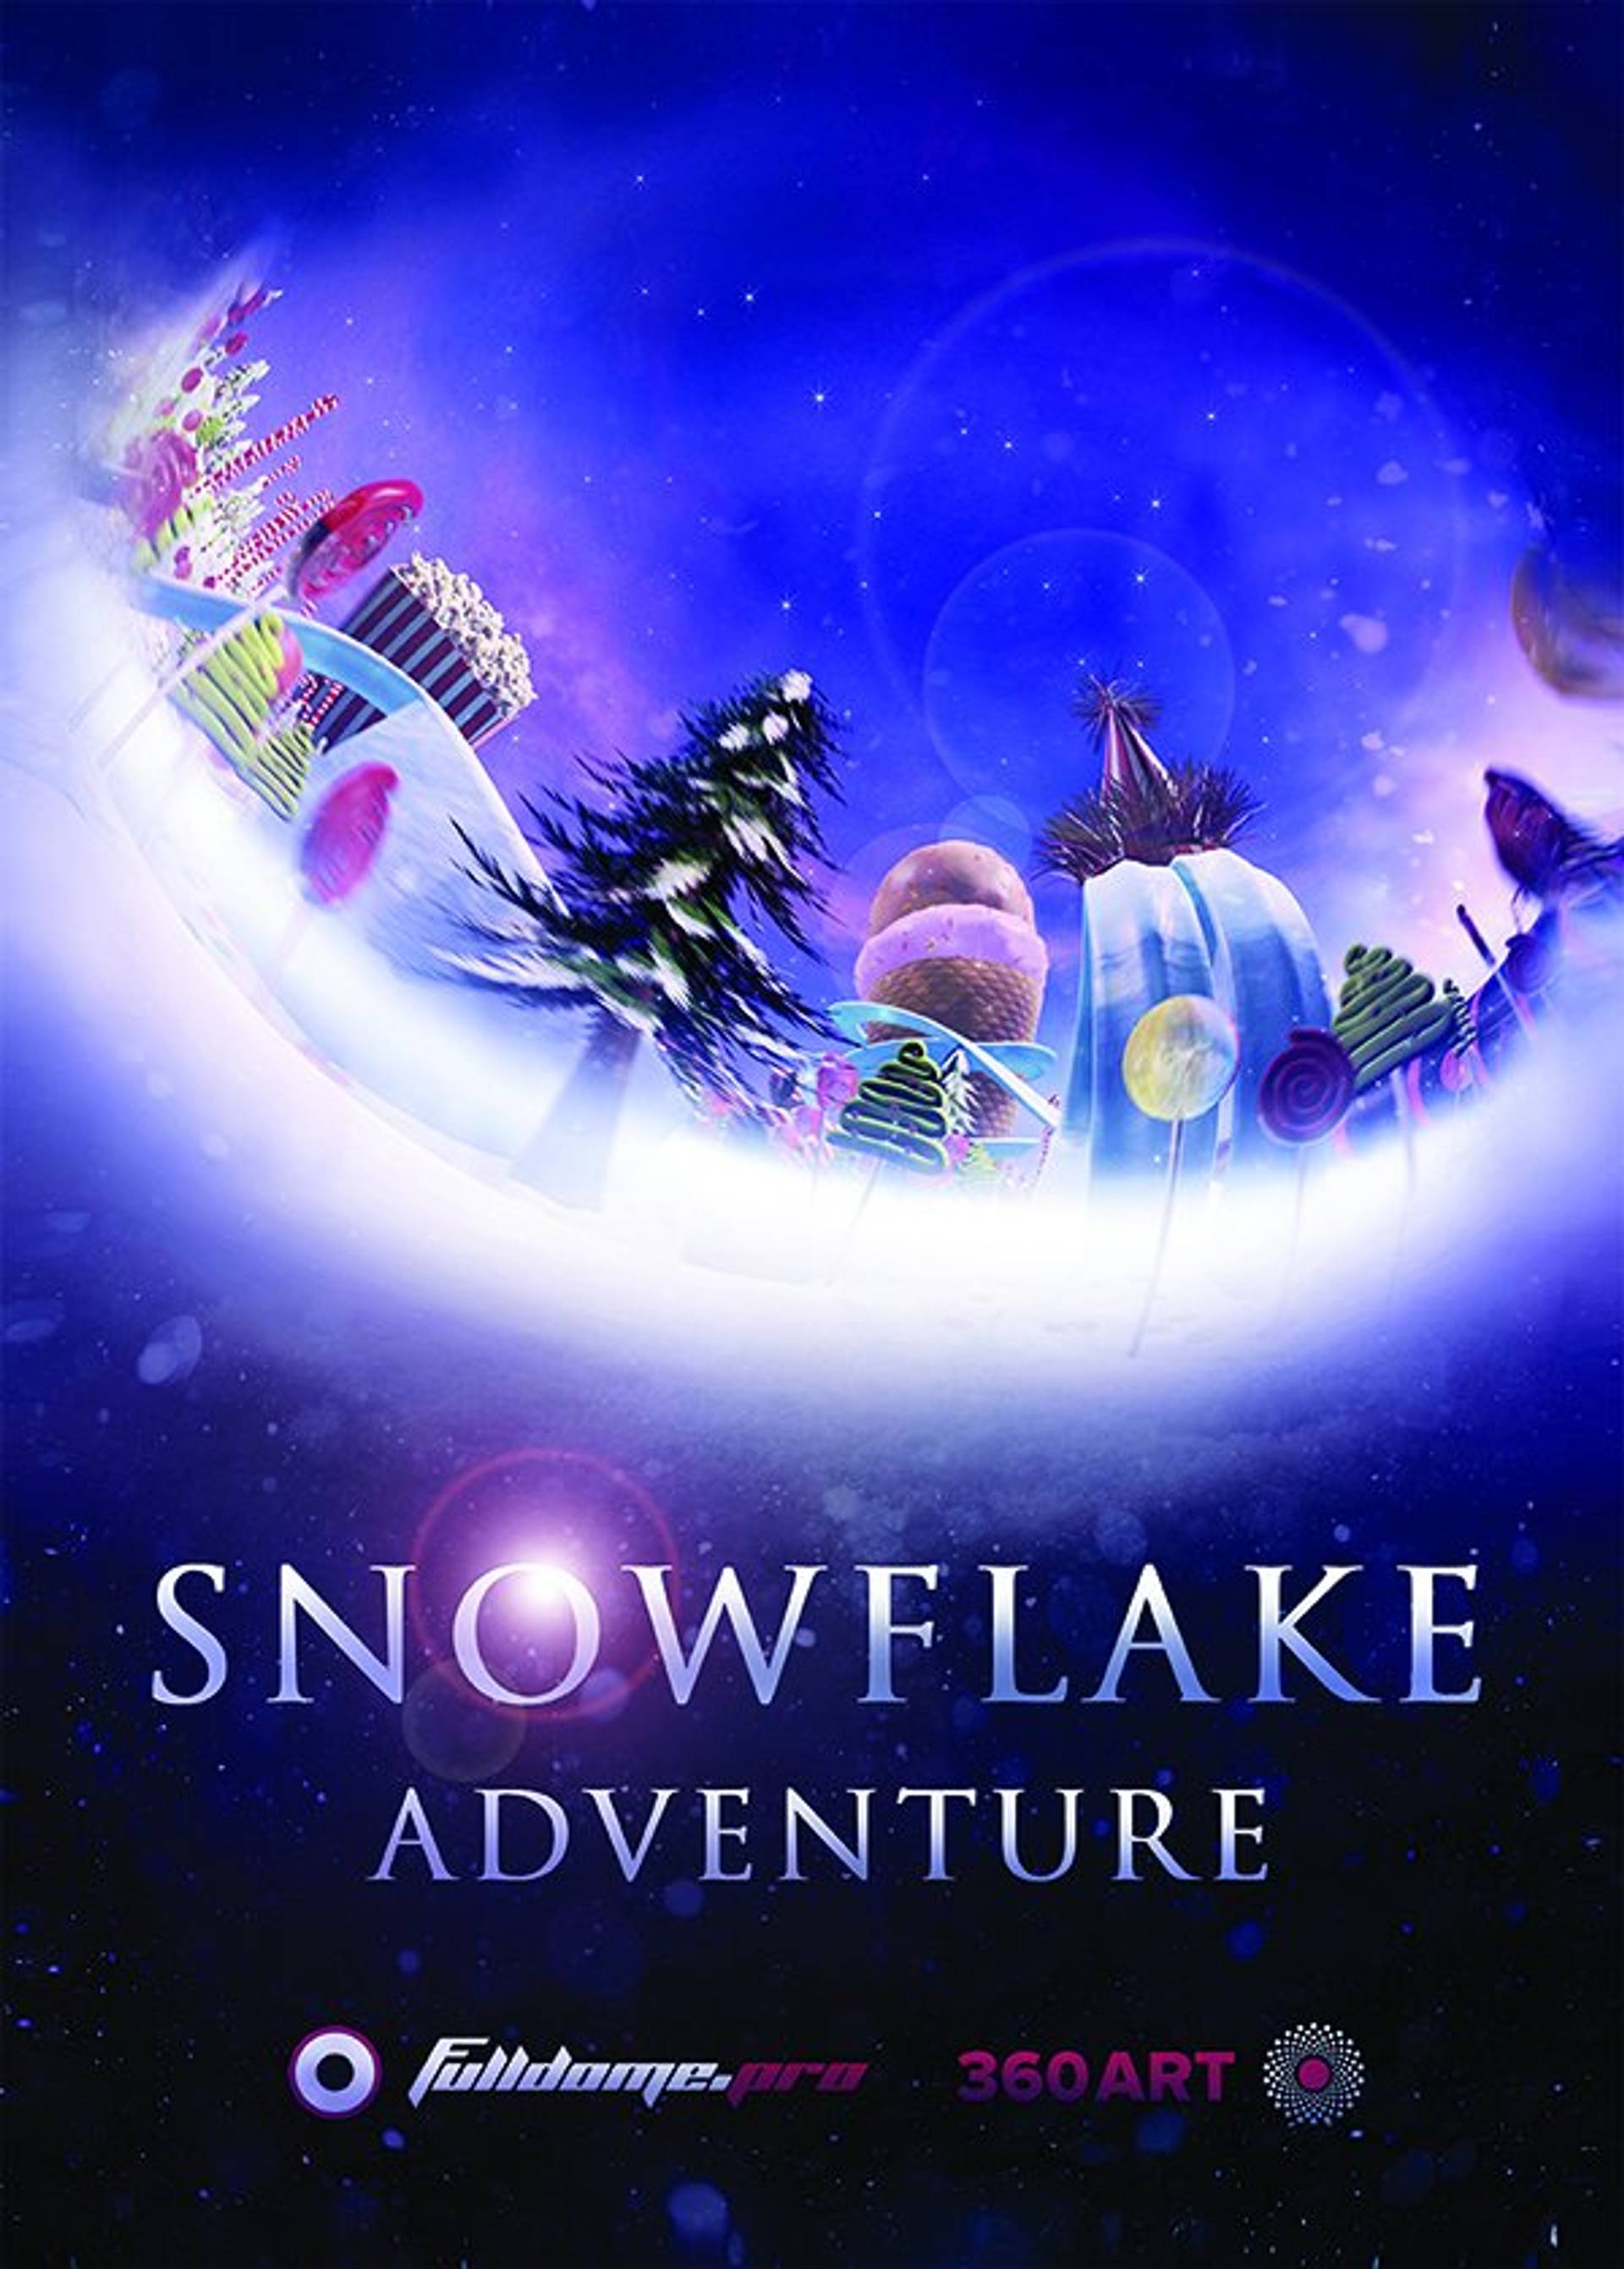 The  Snowflak Adventure